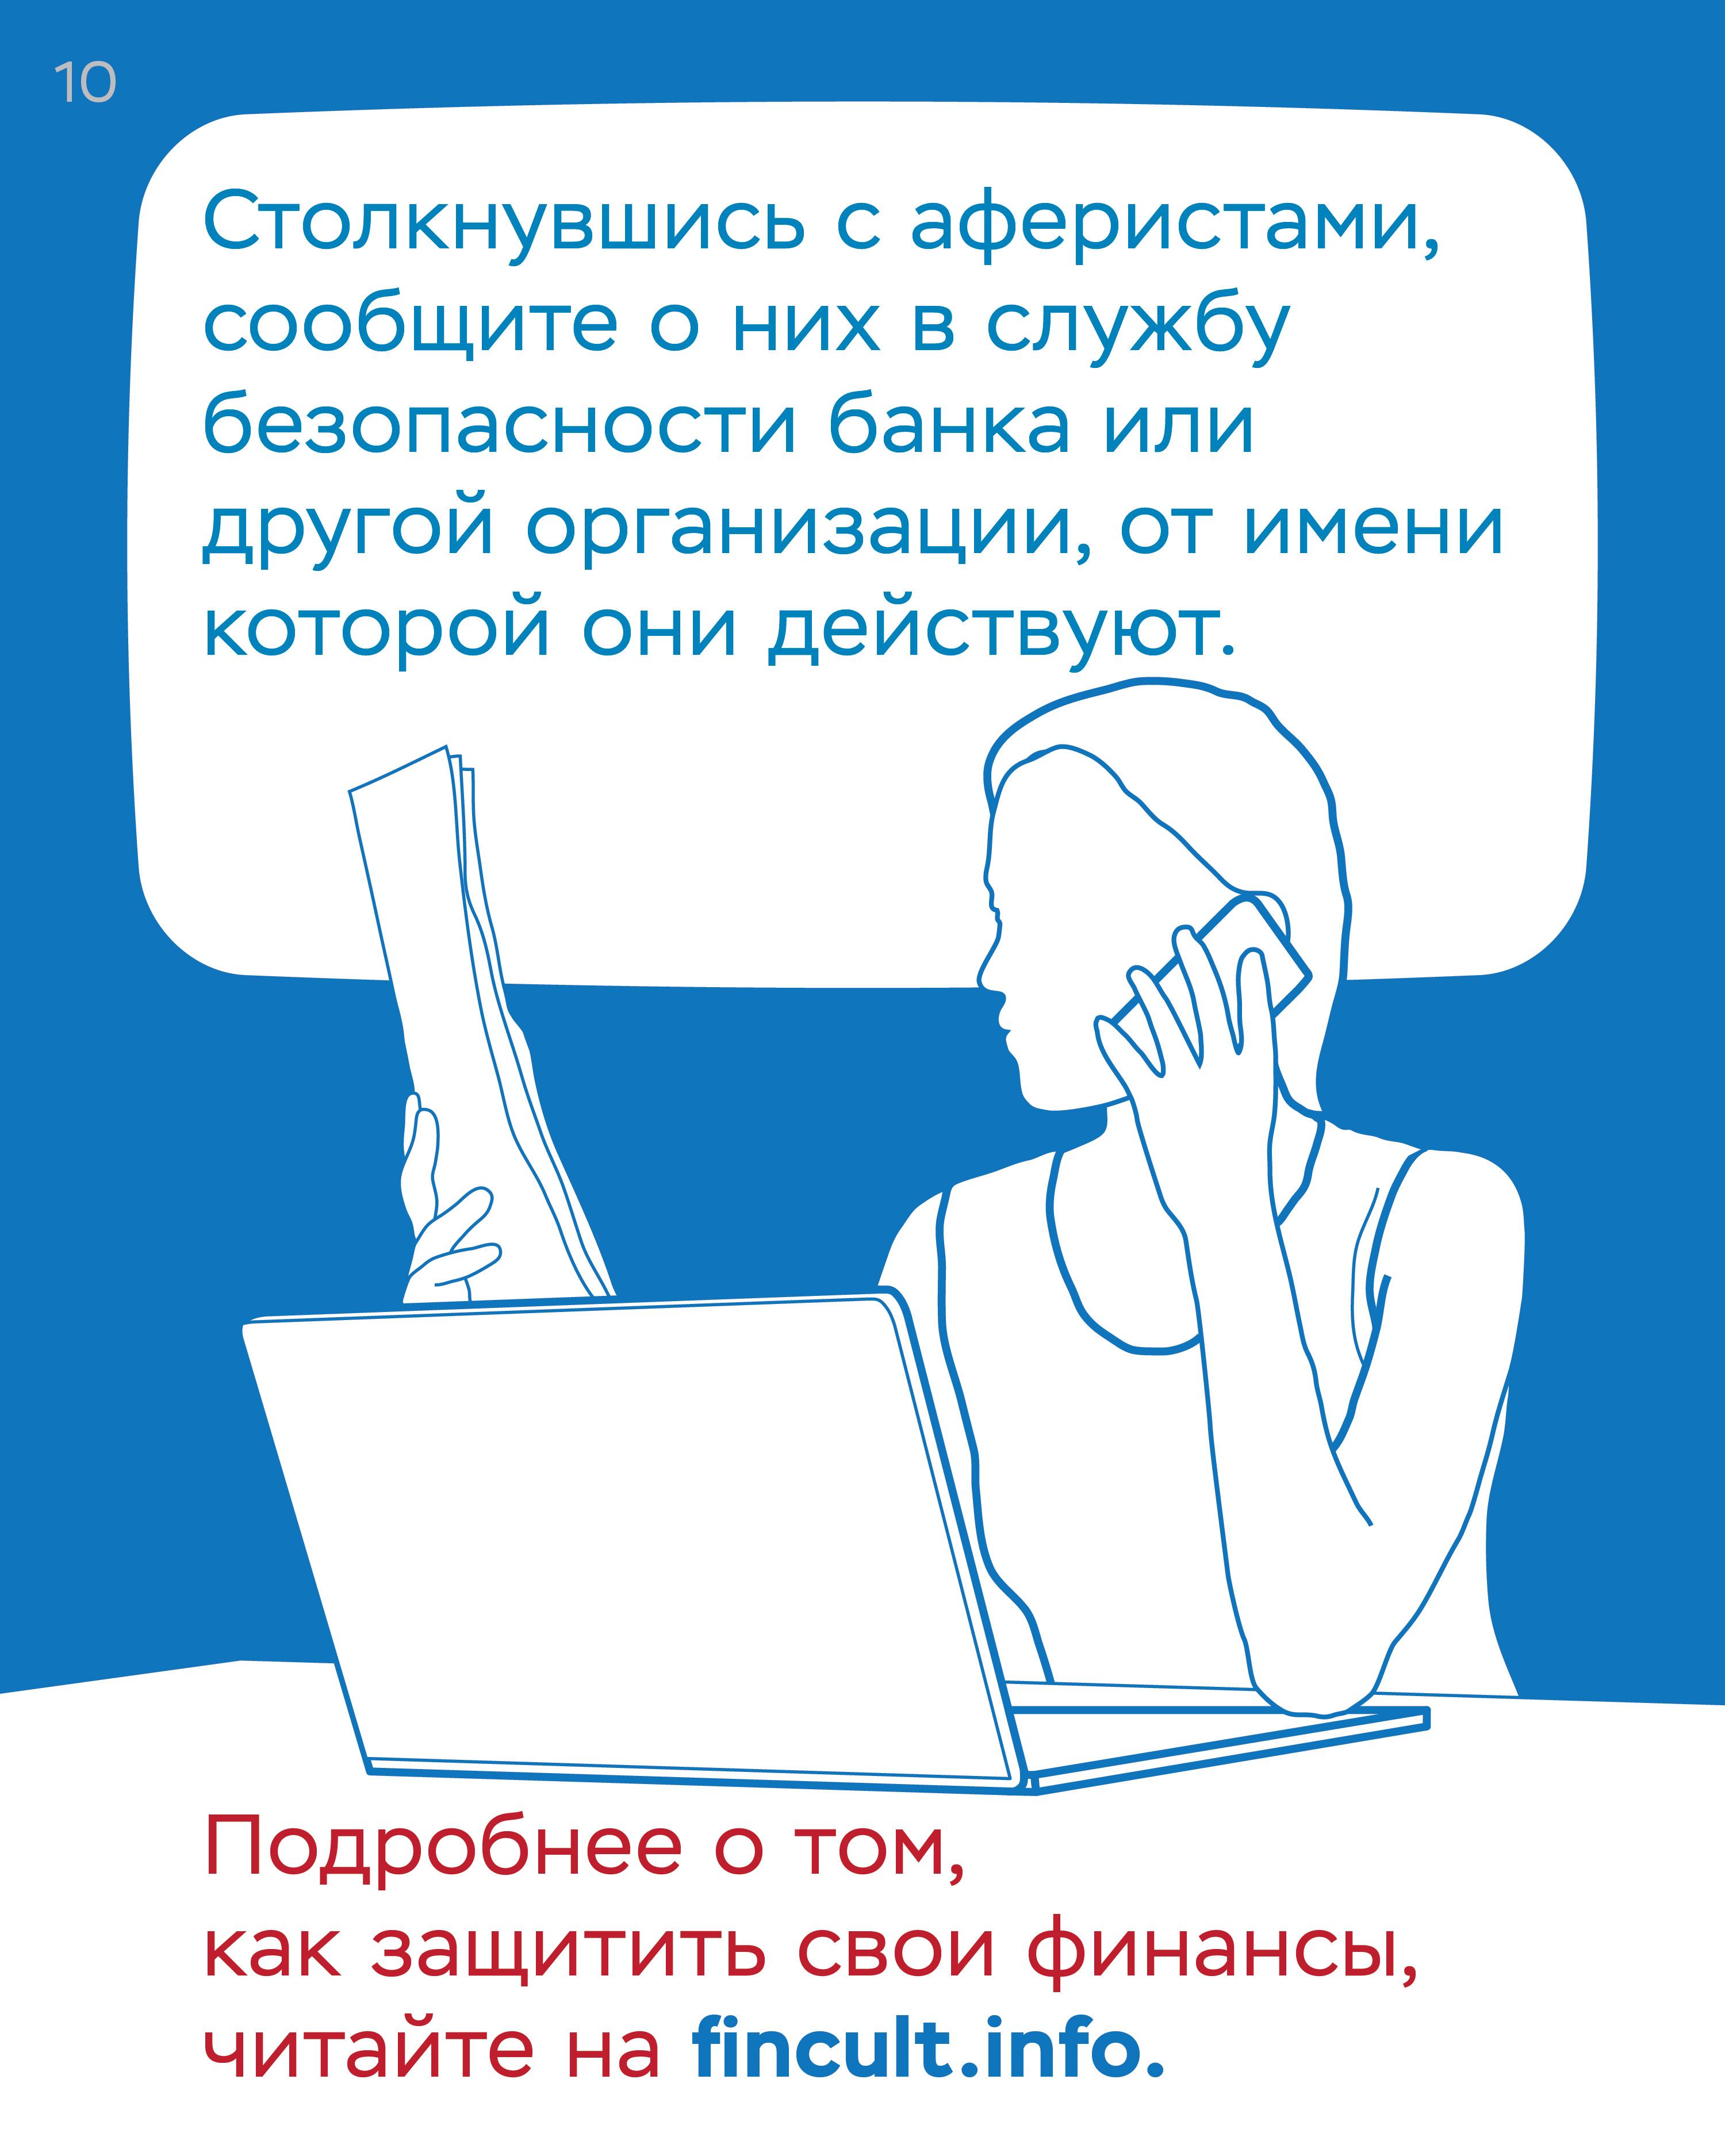 Цифровая гигиена